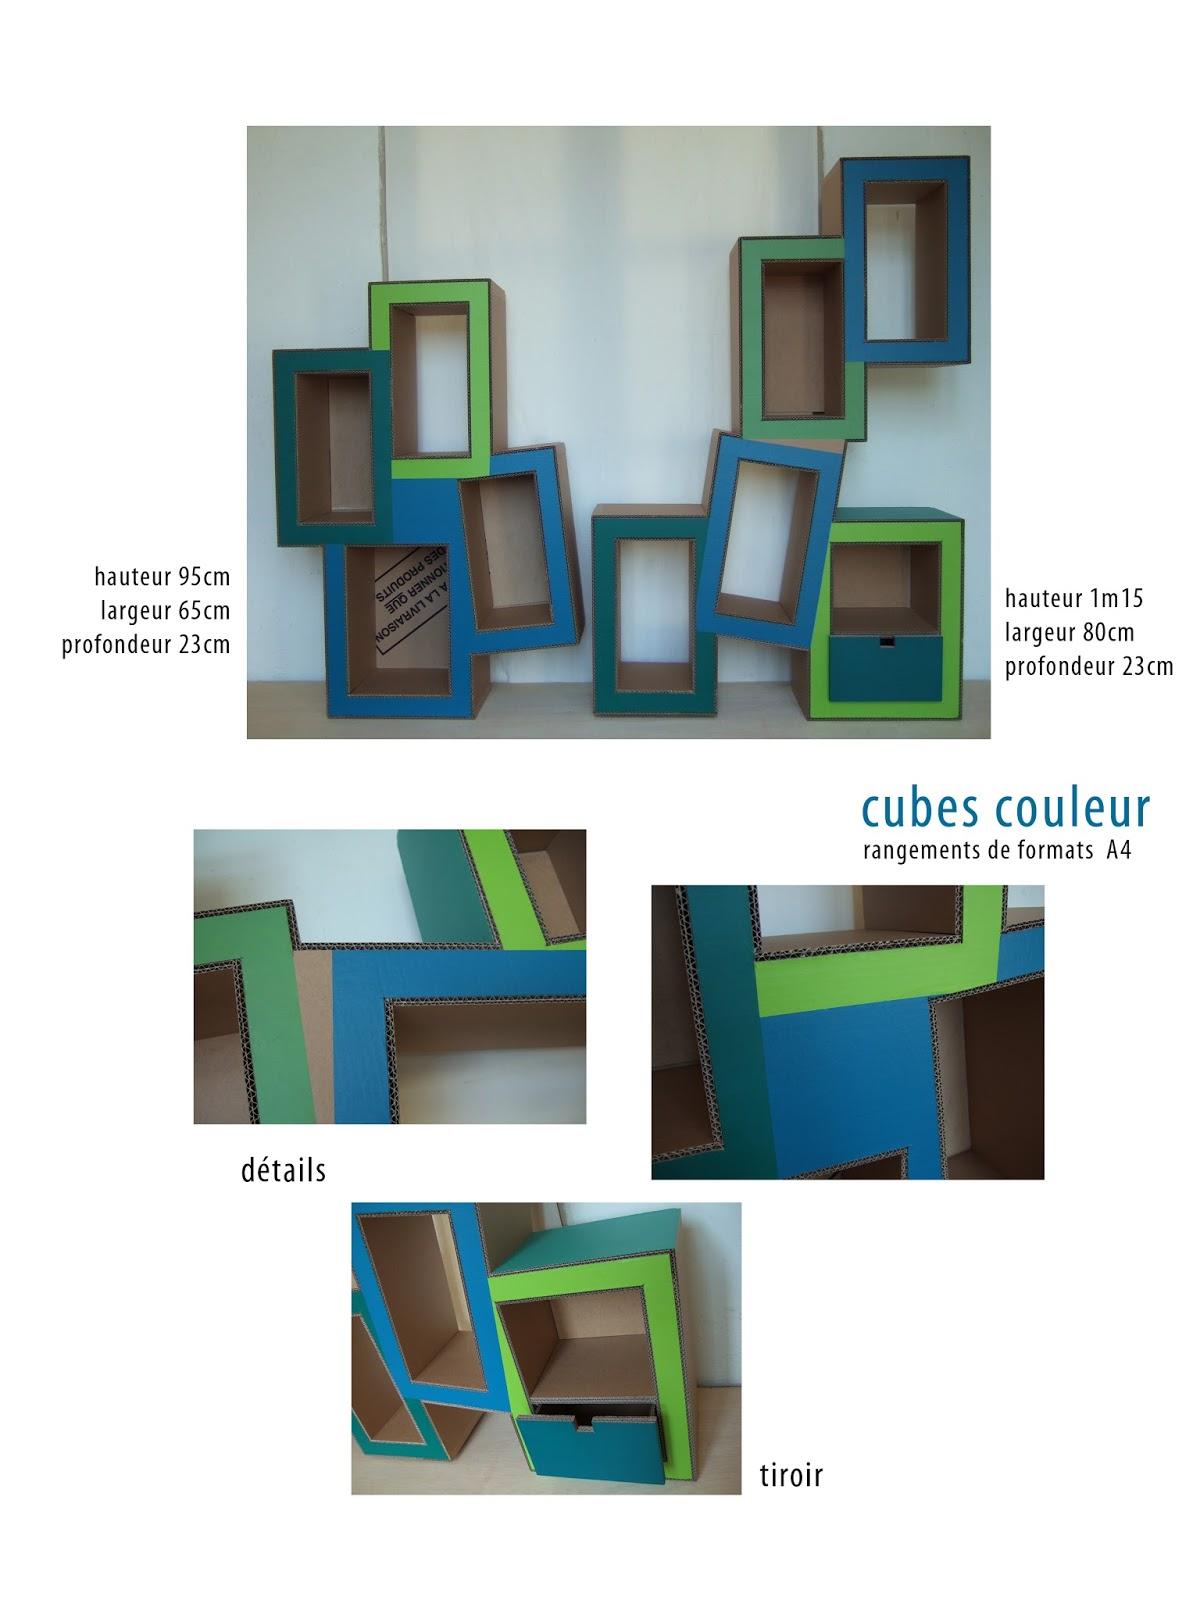 étagère en carton. création sur mesure. meuble en carton. fabriqué à marseille par juliadesign.